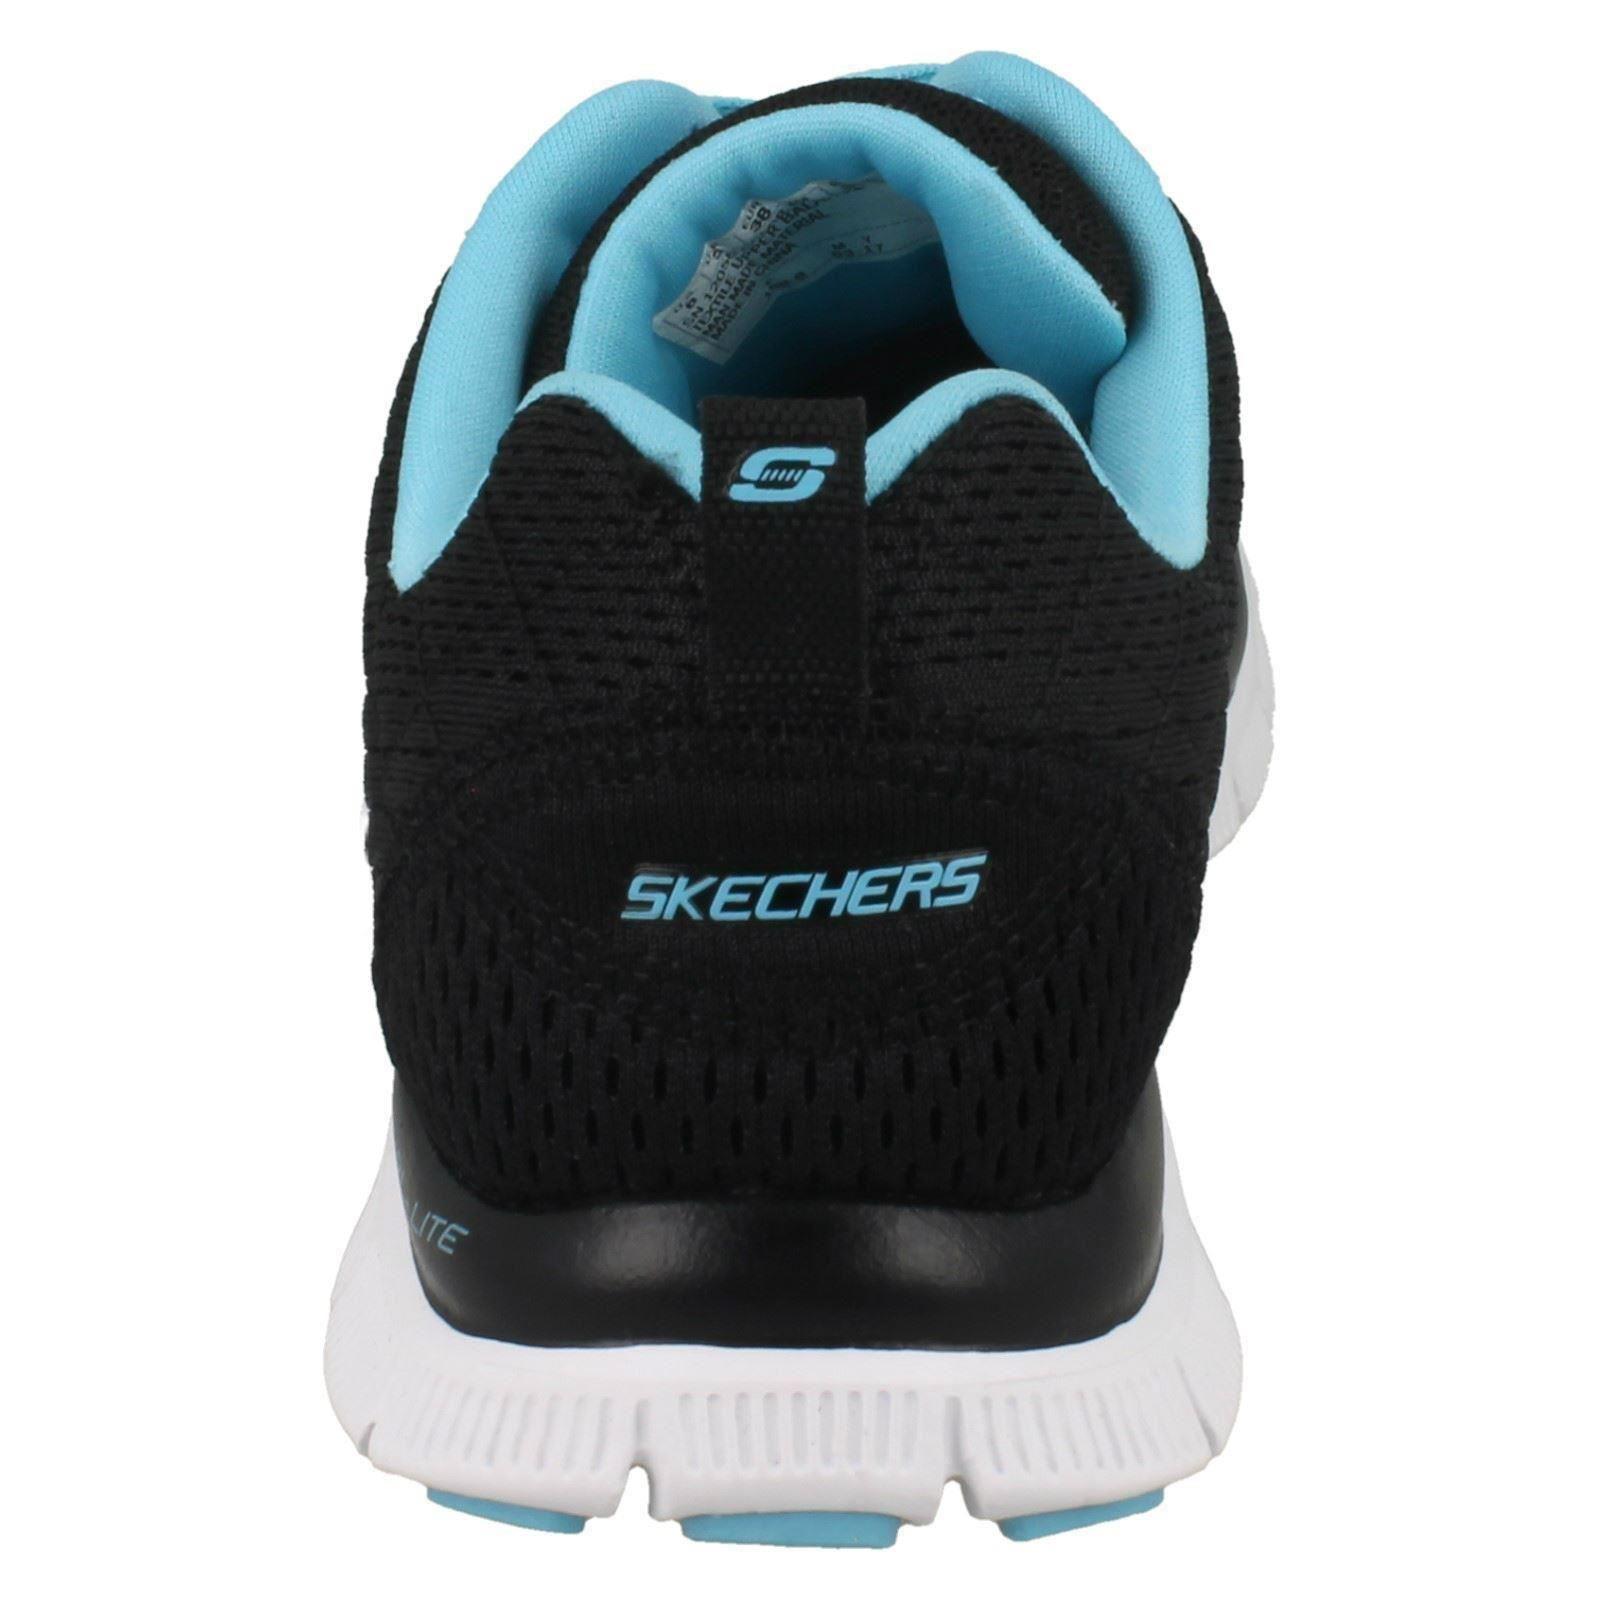 Ladies Skechers Flex Flex Flex Appeal Trainers  Obvious Choice  2fe0e6